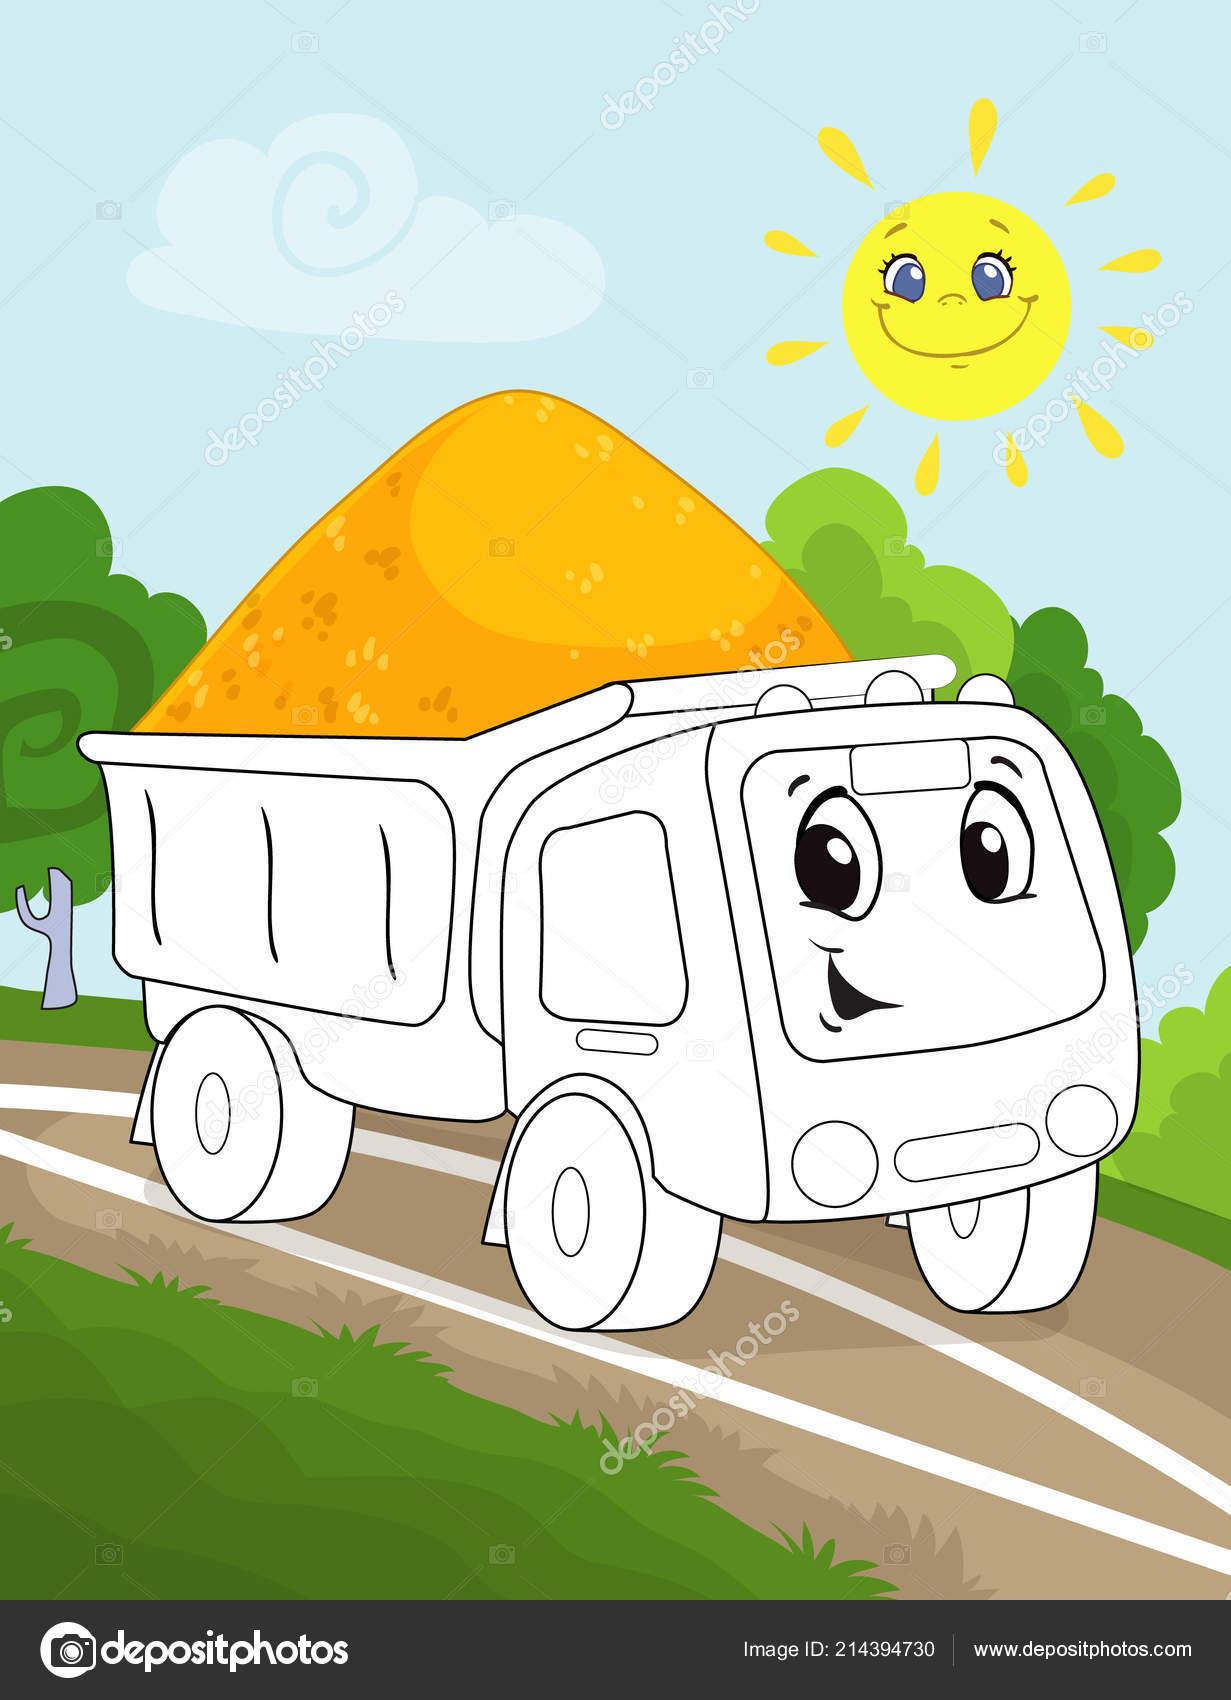 раскраски страницы книги для детей дошкольного возраста с